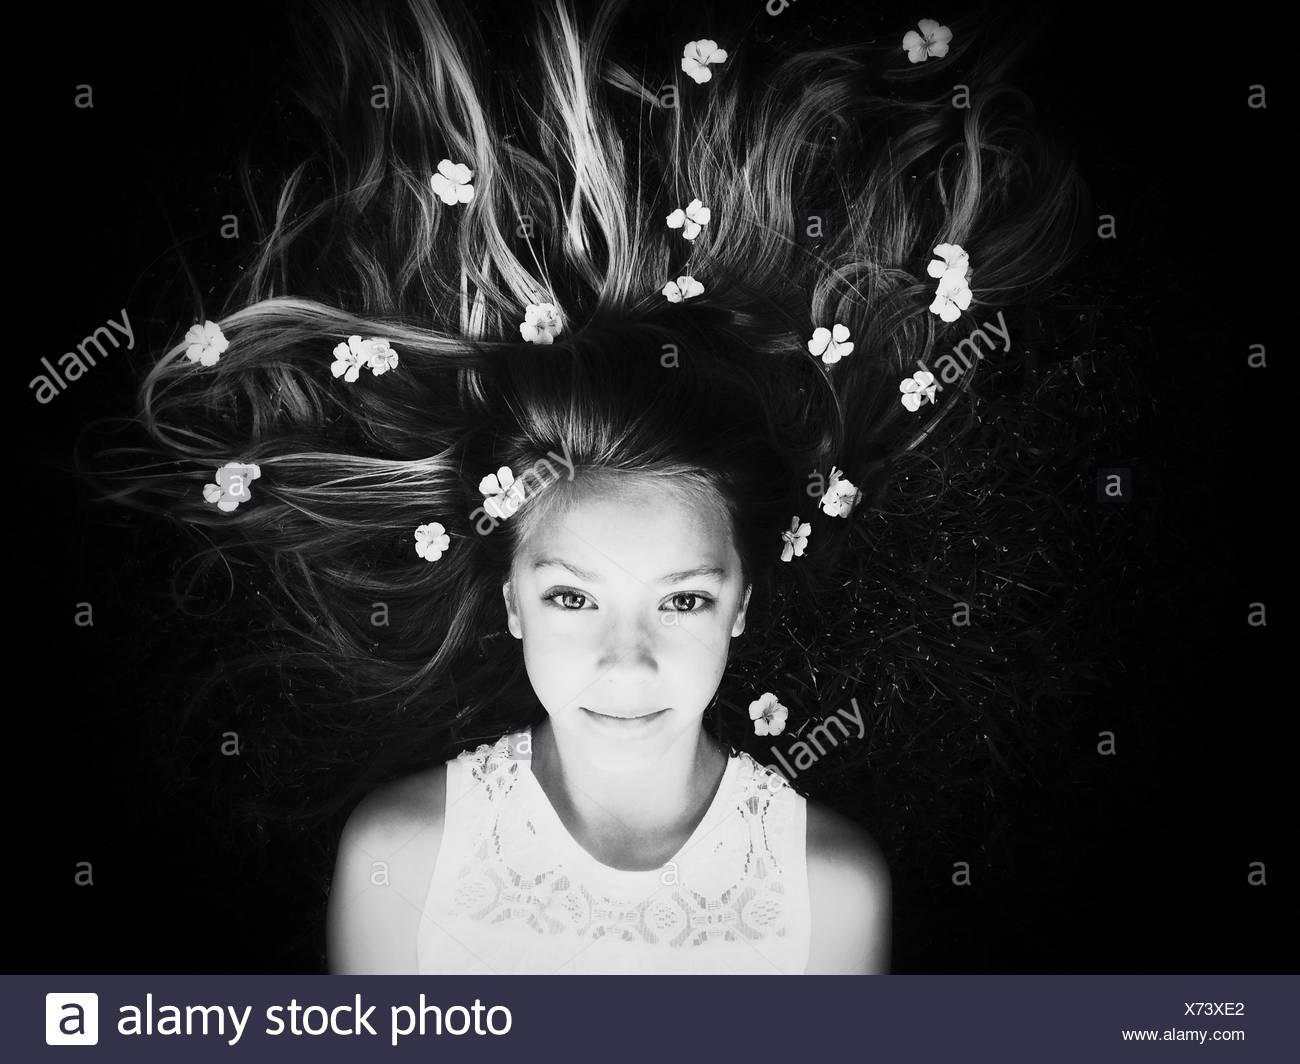 Ritratto di ragazza distesa verso il basso con i fiori nei capelli Foto Stock